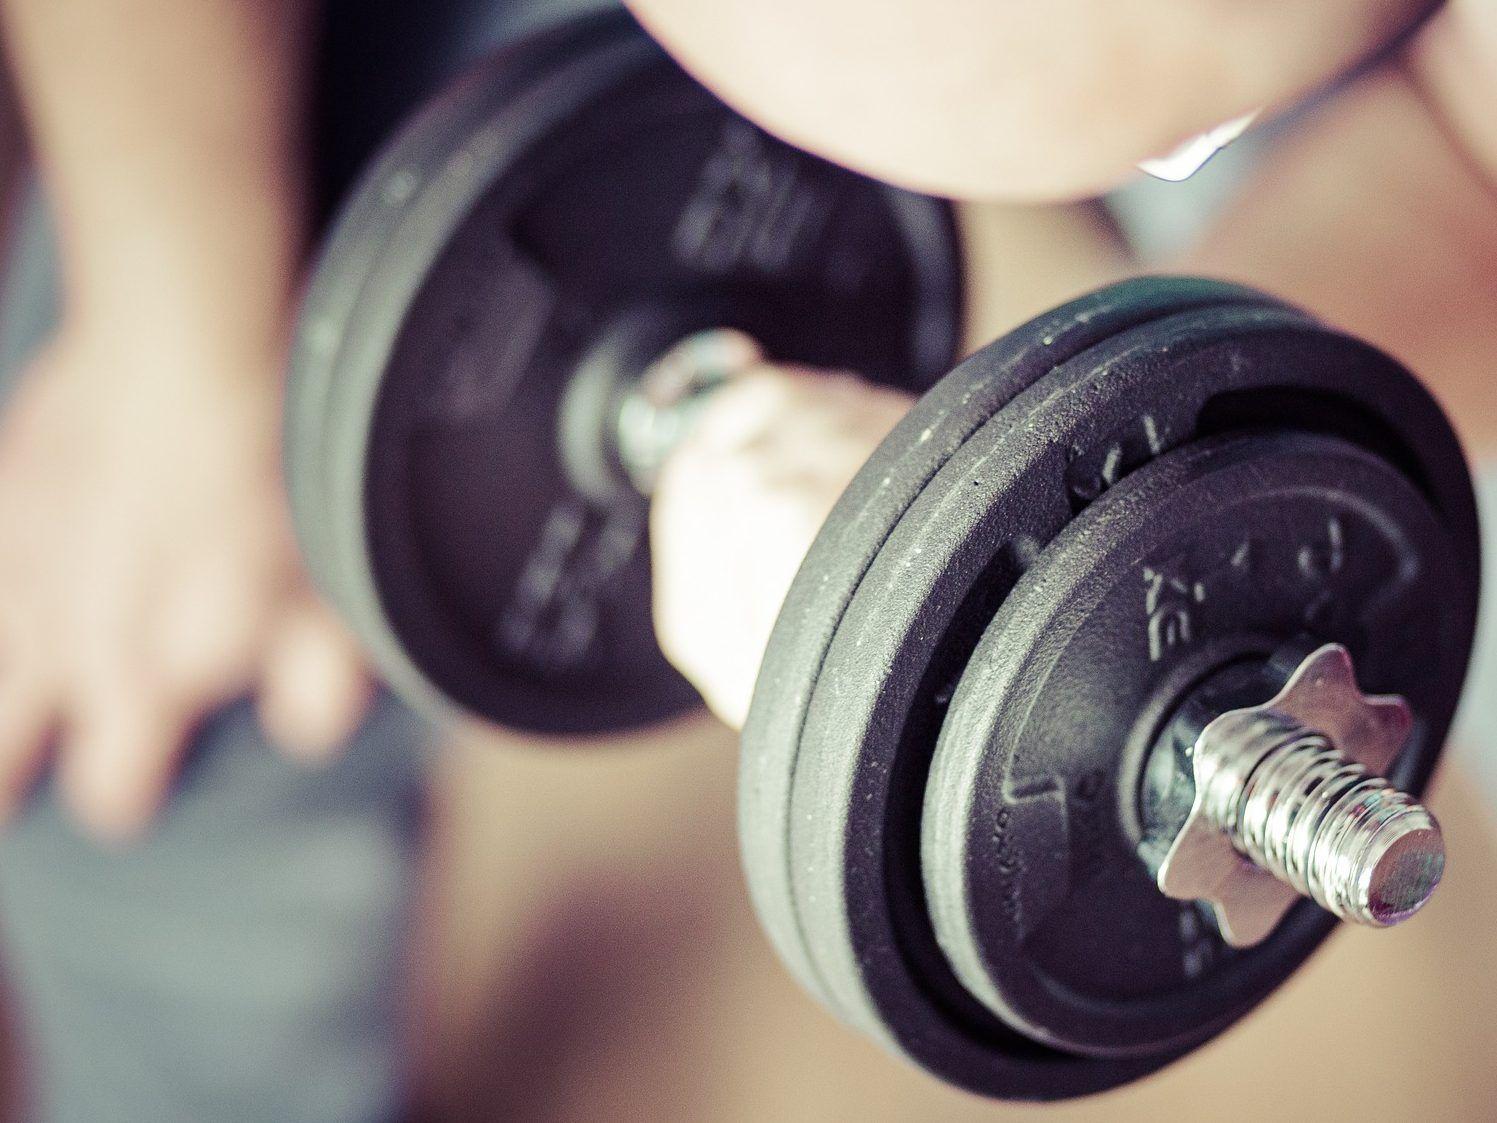 Die Proteinbiosynthese – Grundvoraussetzung für den Muskelaufbau